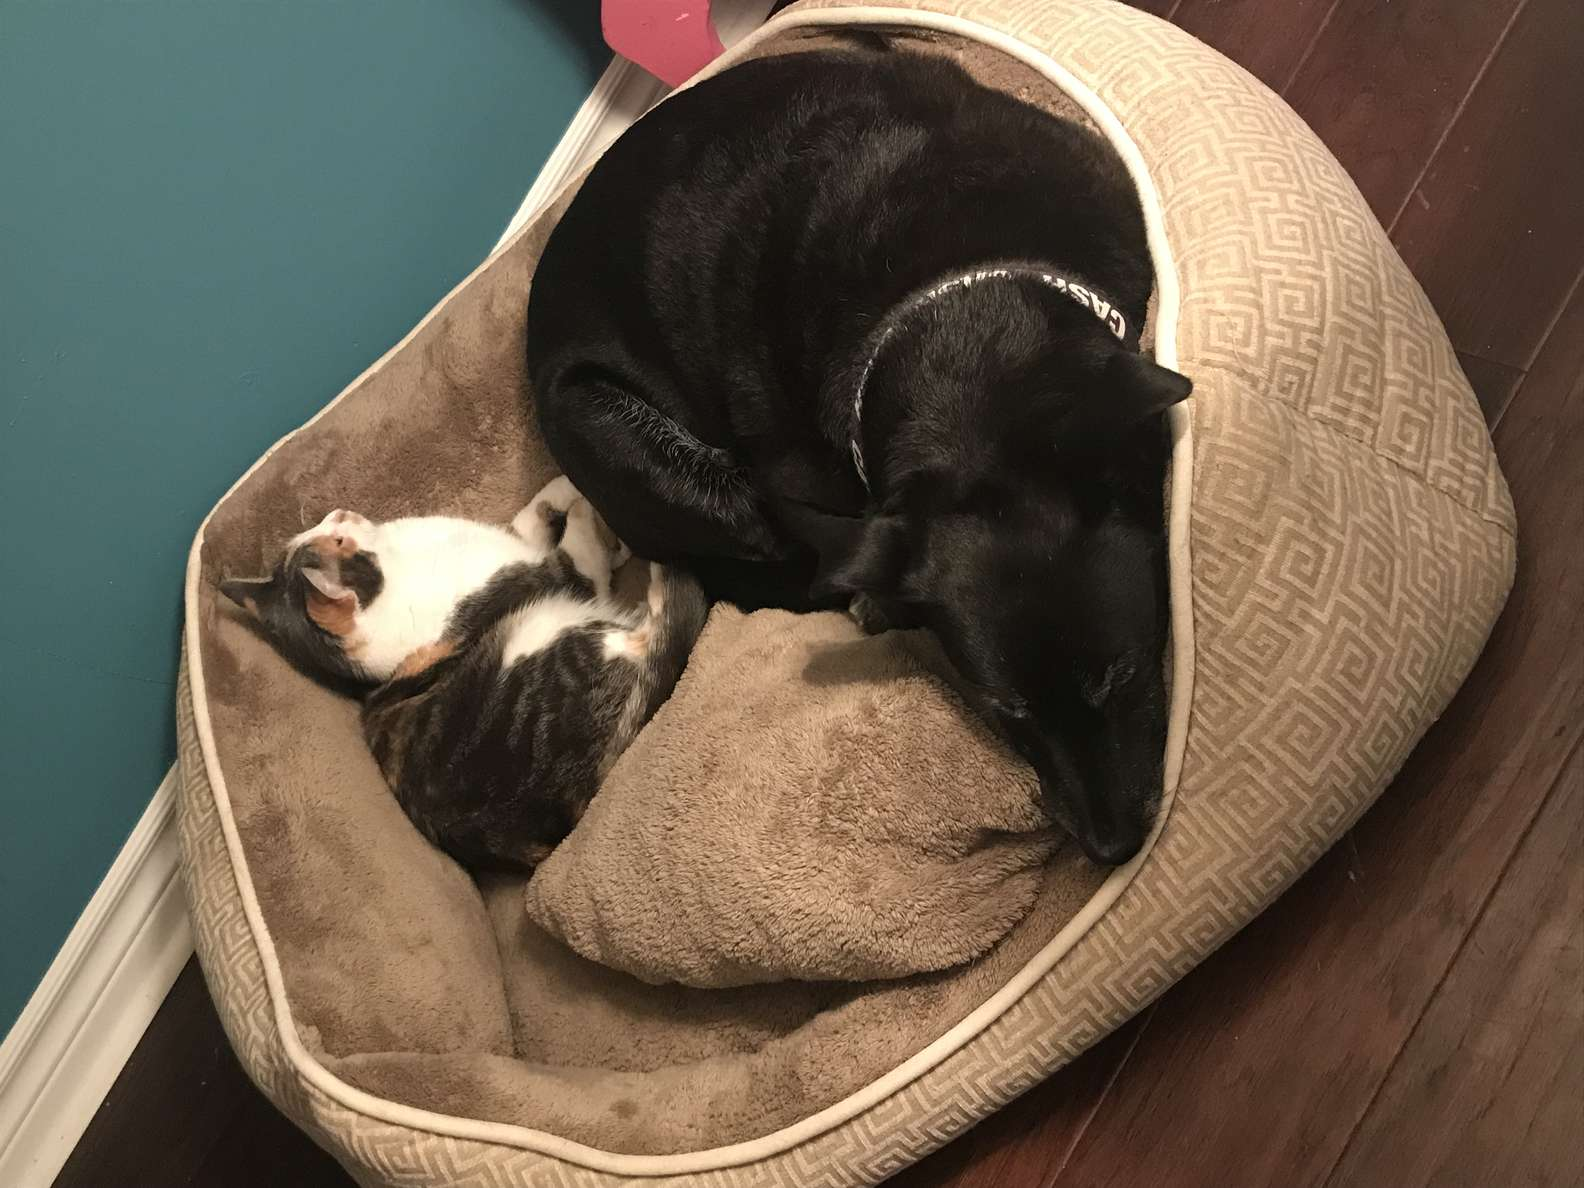 Cucciolo e gattino dentro la stessa cuccia